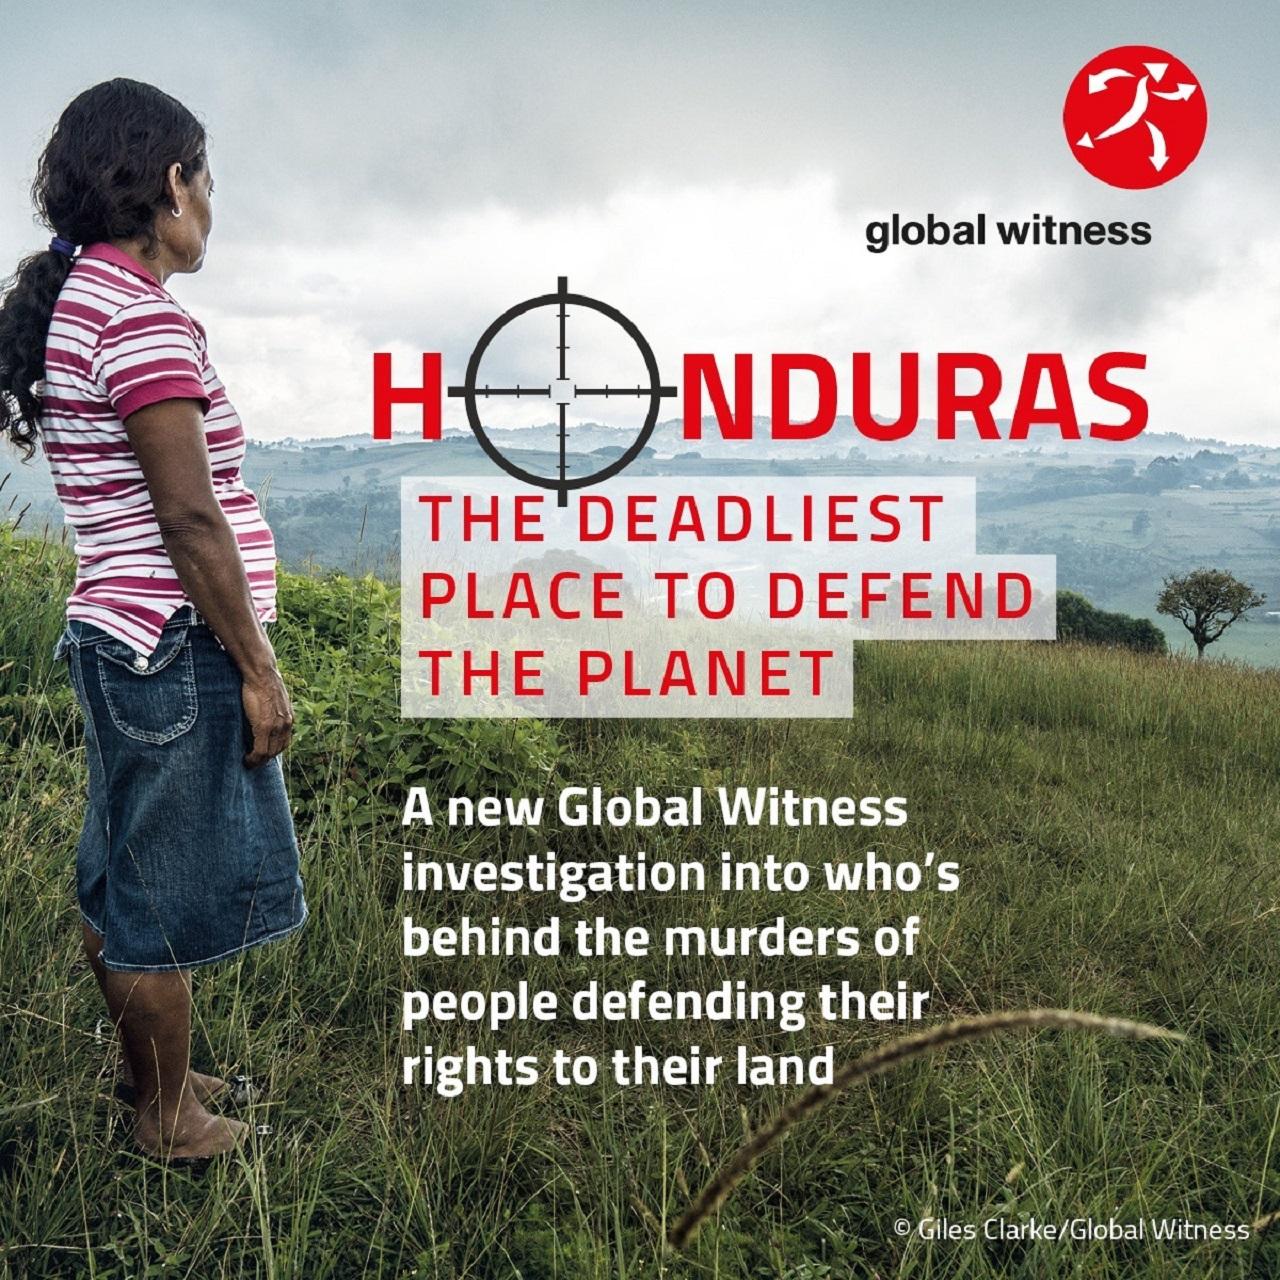 Defenders_Honduras_Global_Witness